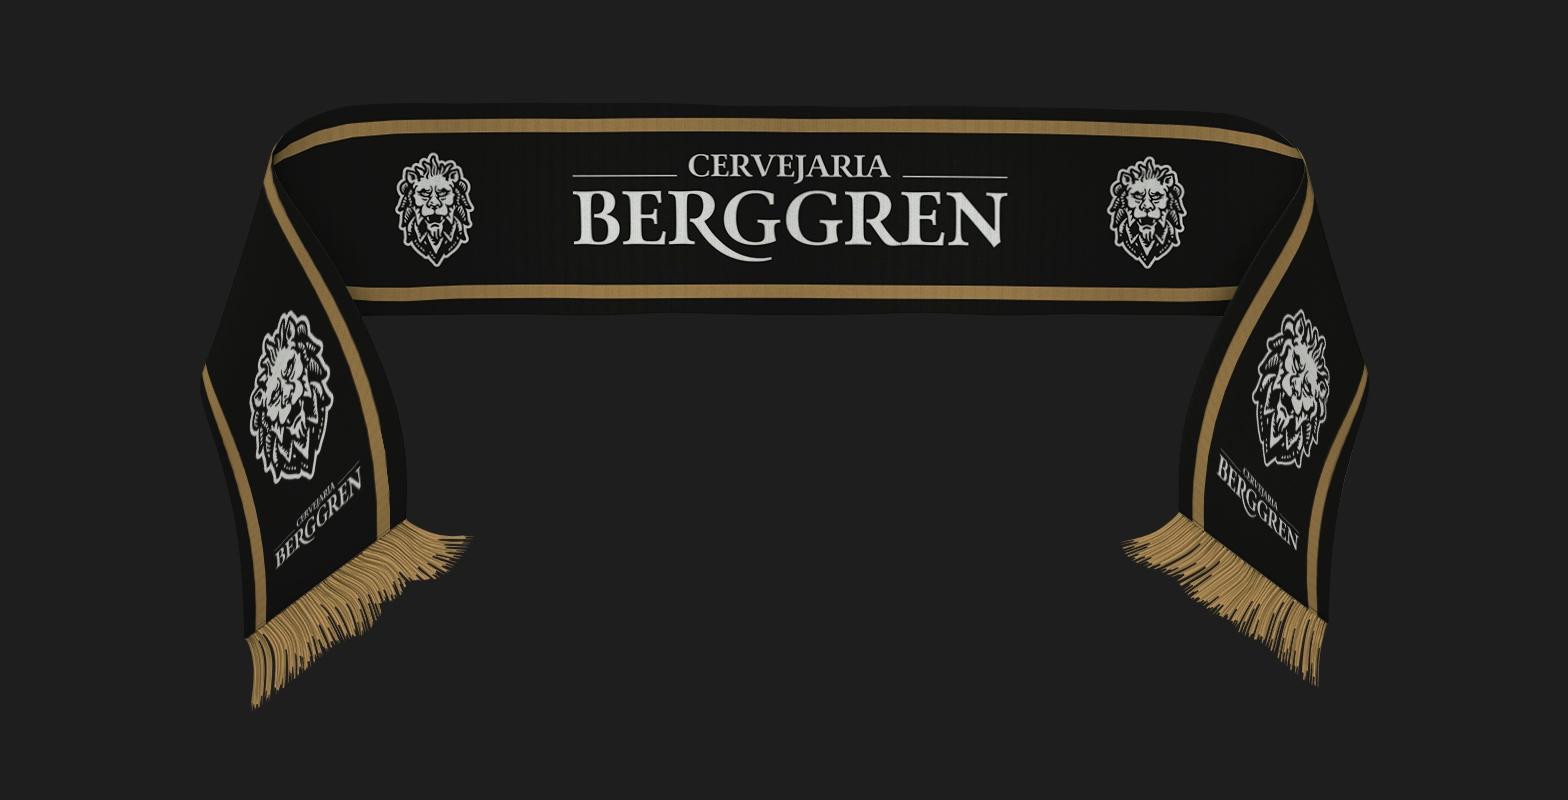 Berggren Bier - Identidade visual e Branding (10)